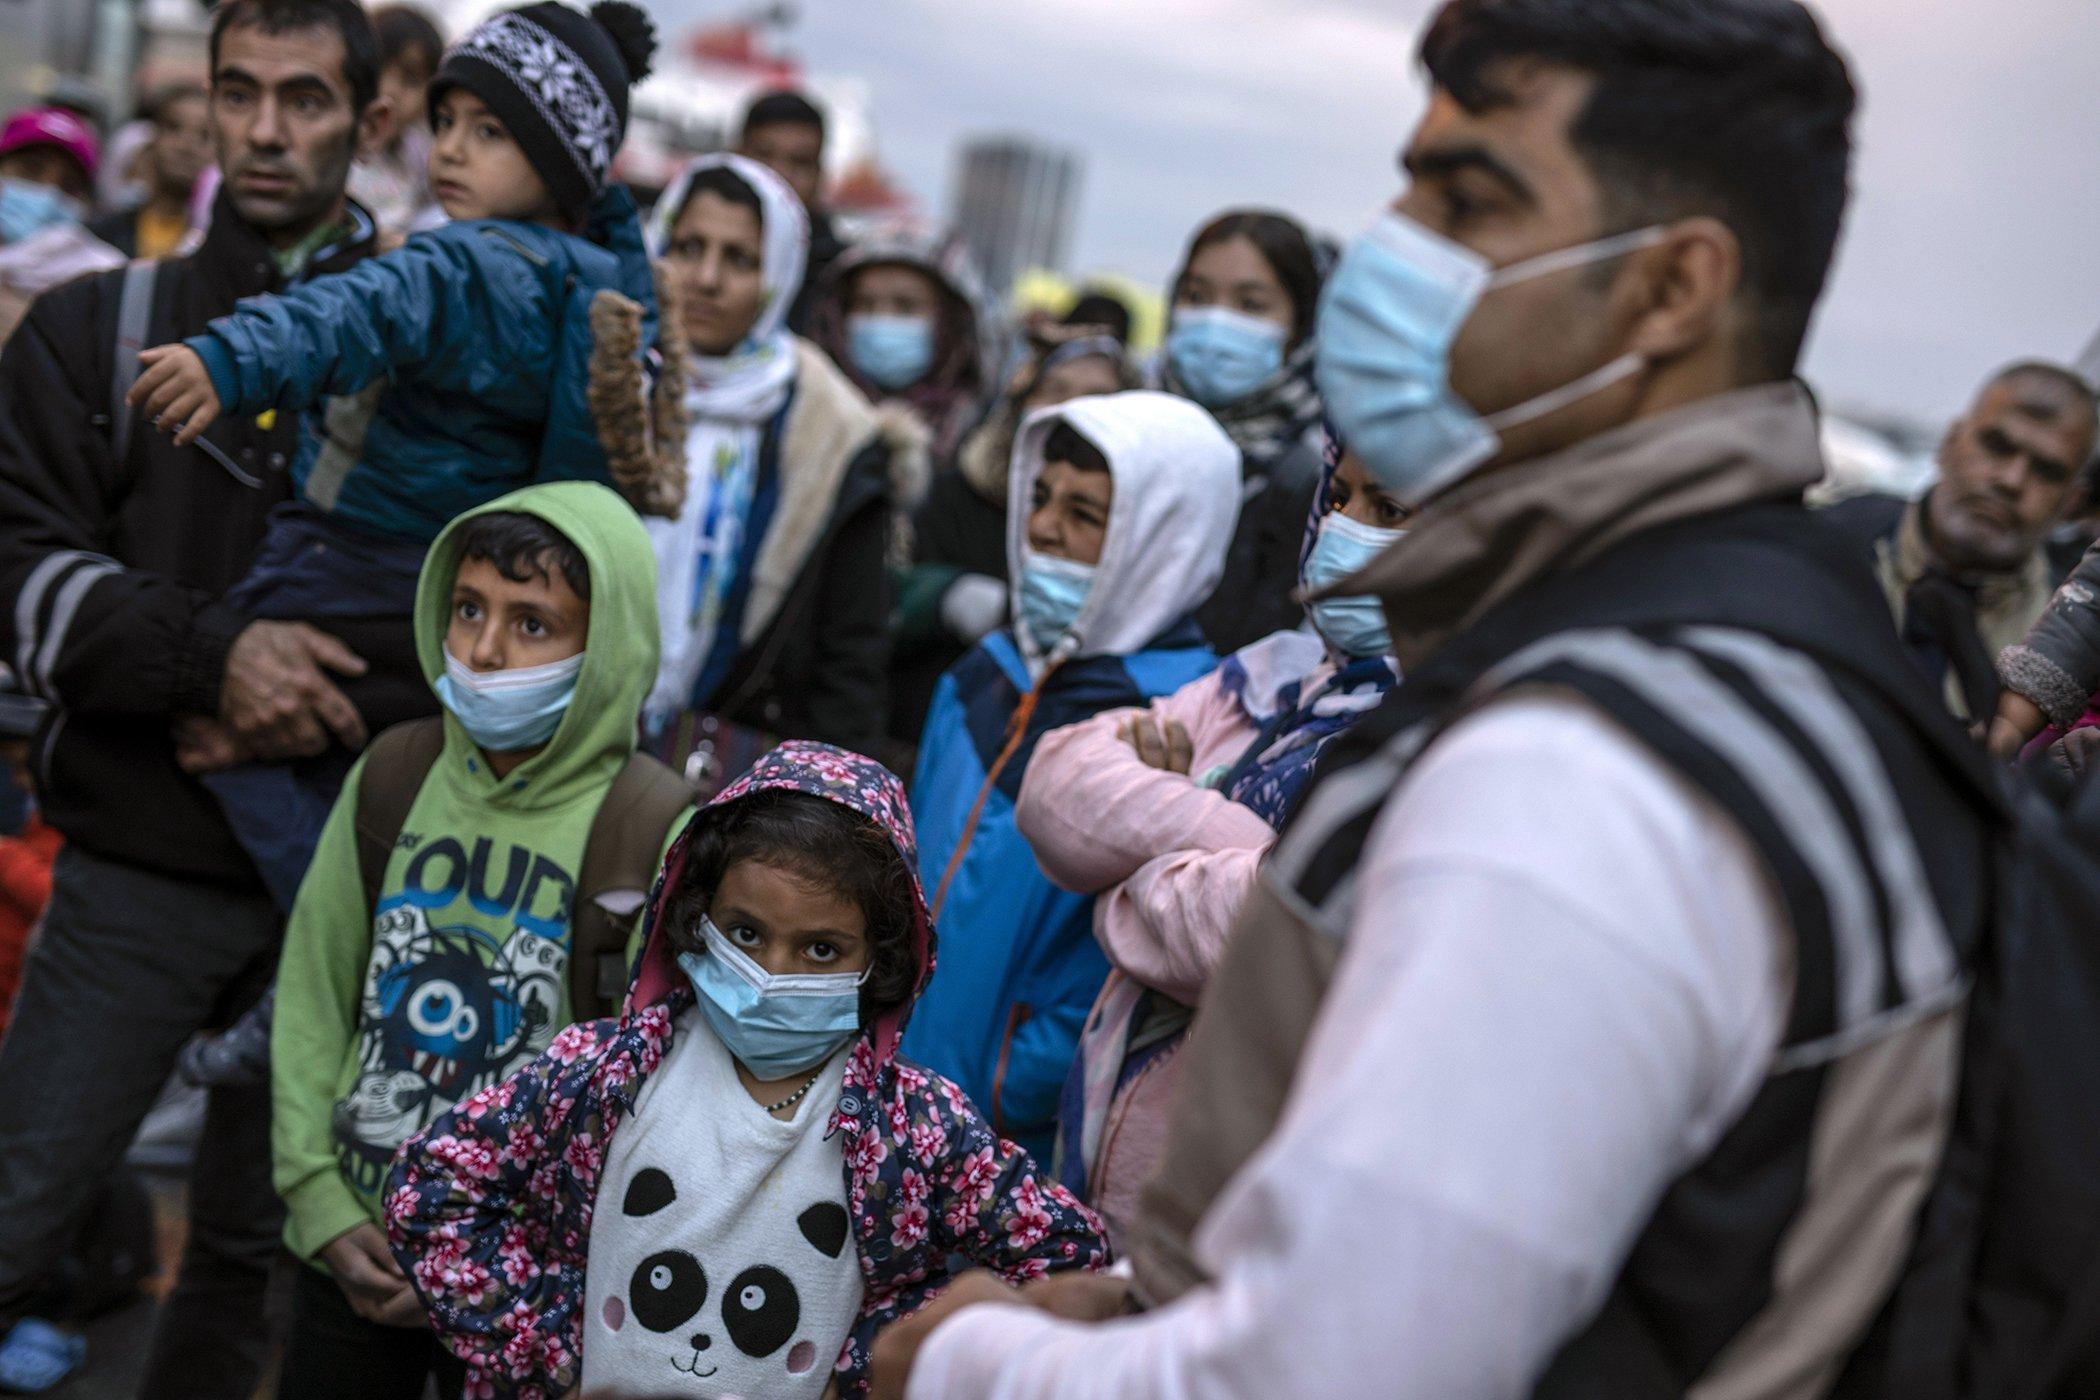 Euro-Med salue le ministre suédois des Migrations pour sa réponse positive aux revendications des demandeurs d'asile lors du Covid-19